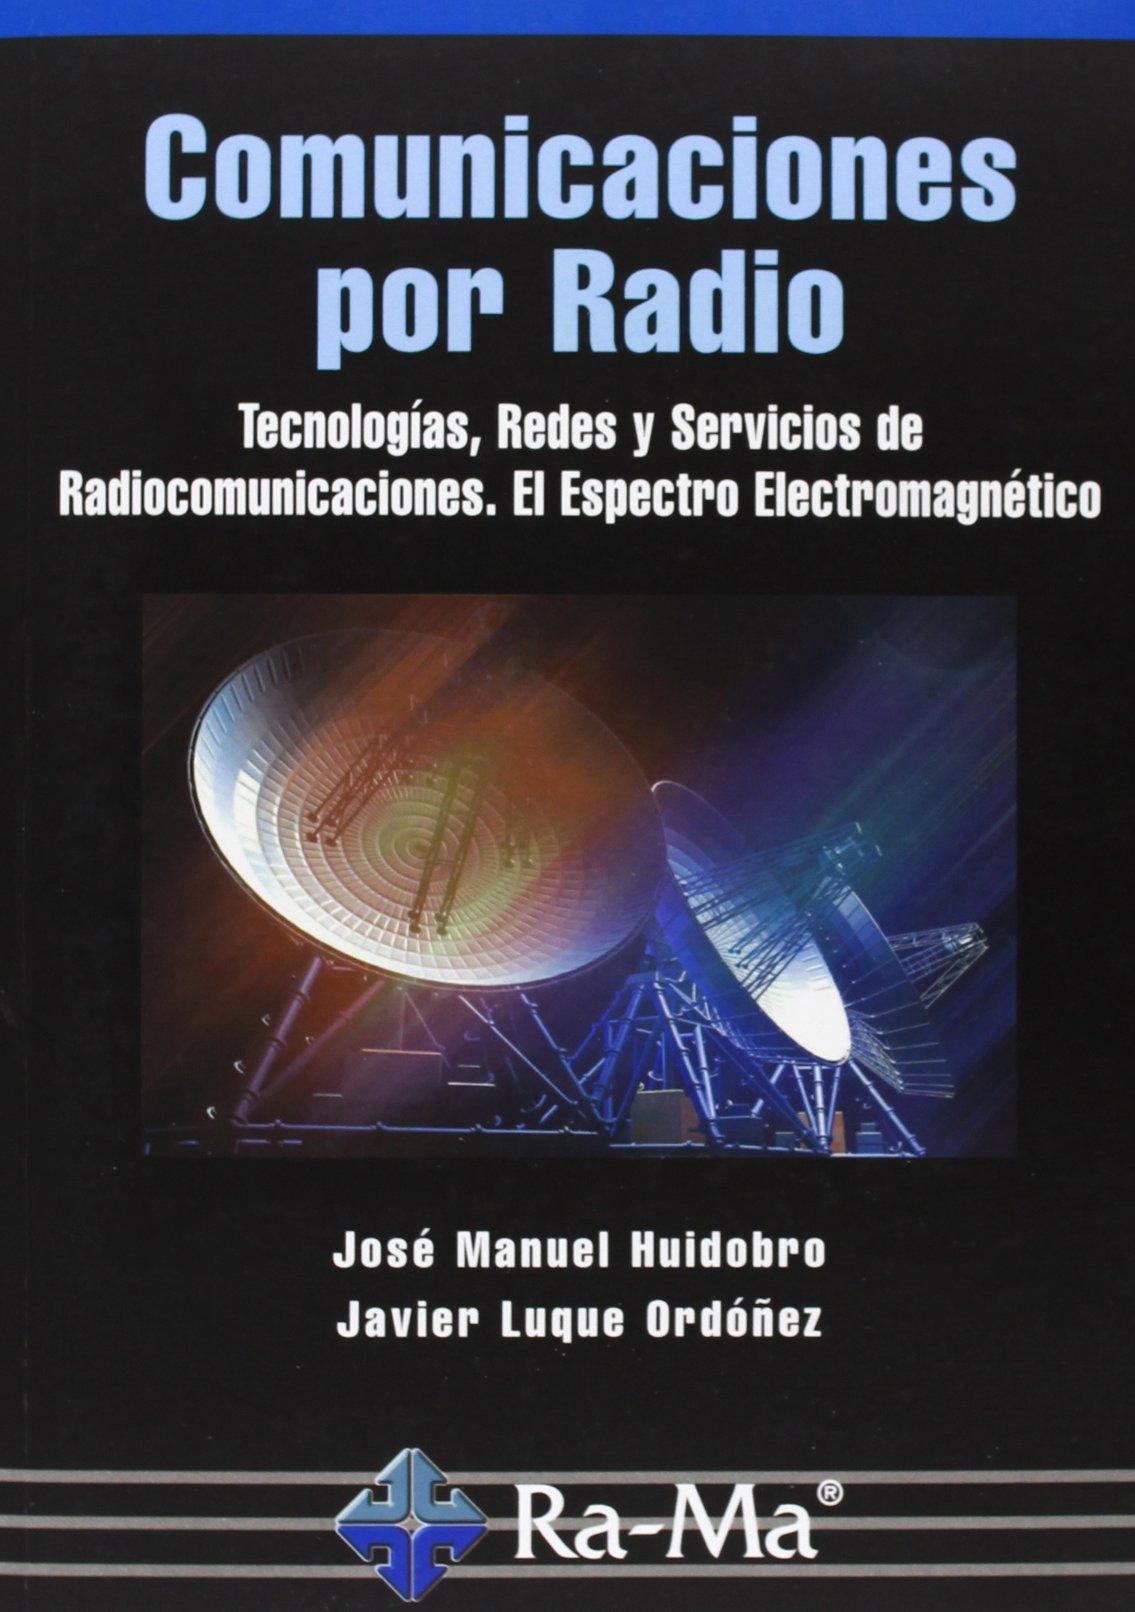 Comunicaciones Por Radio. Tecnologías, Redes Y Servicios De Radiocomunicaciones. El Espectro Electromagnético Tapa blanda – 19 jun 2013 José Manuel Huidobro Moya ANTONIO GARCIA TOME S.A. 8499642292